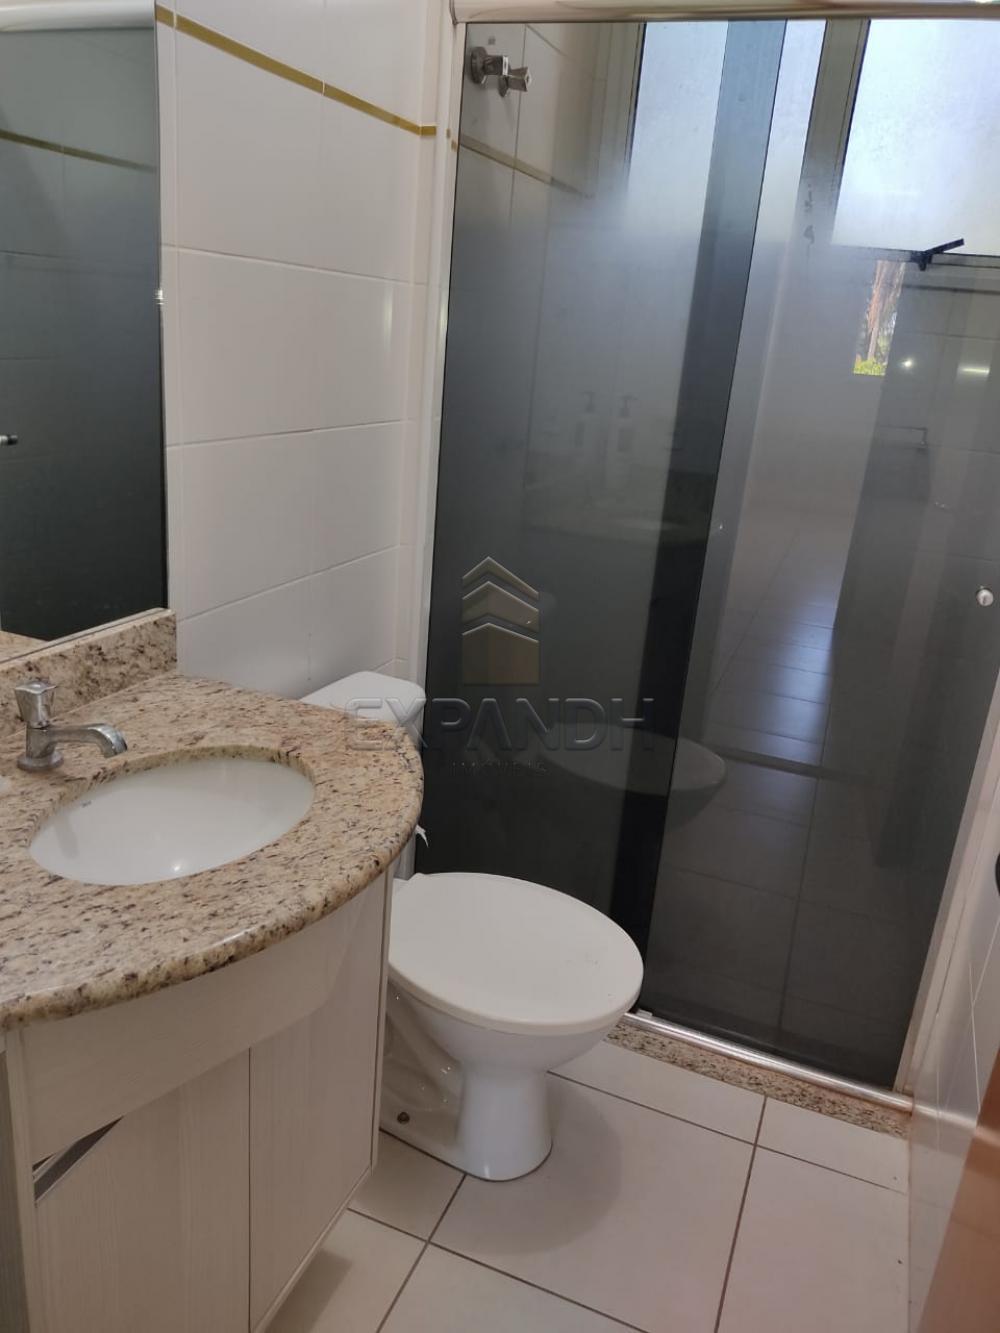 Comprar Casas / Condomínio em Sertãozinho R$ 240.000,00 - Foto 13